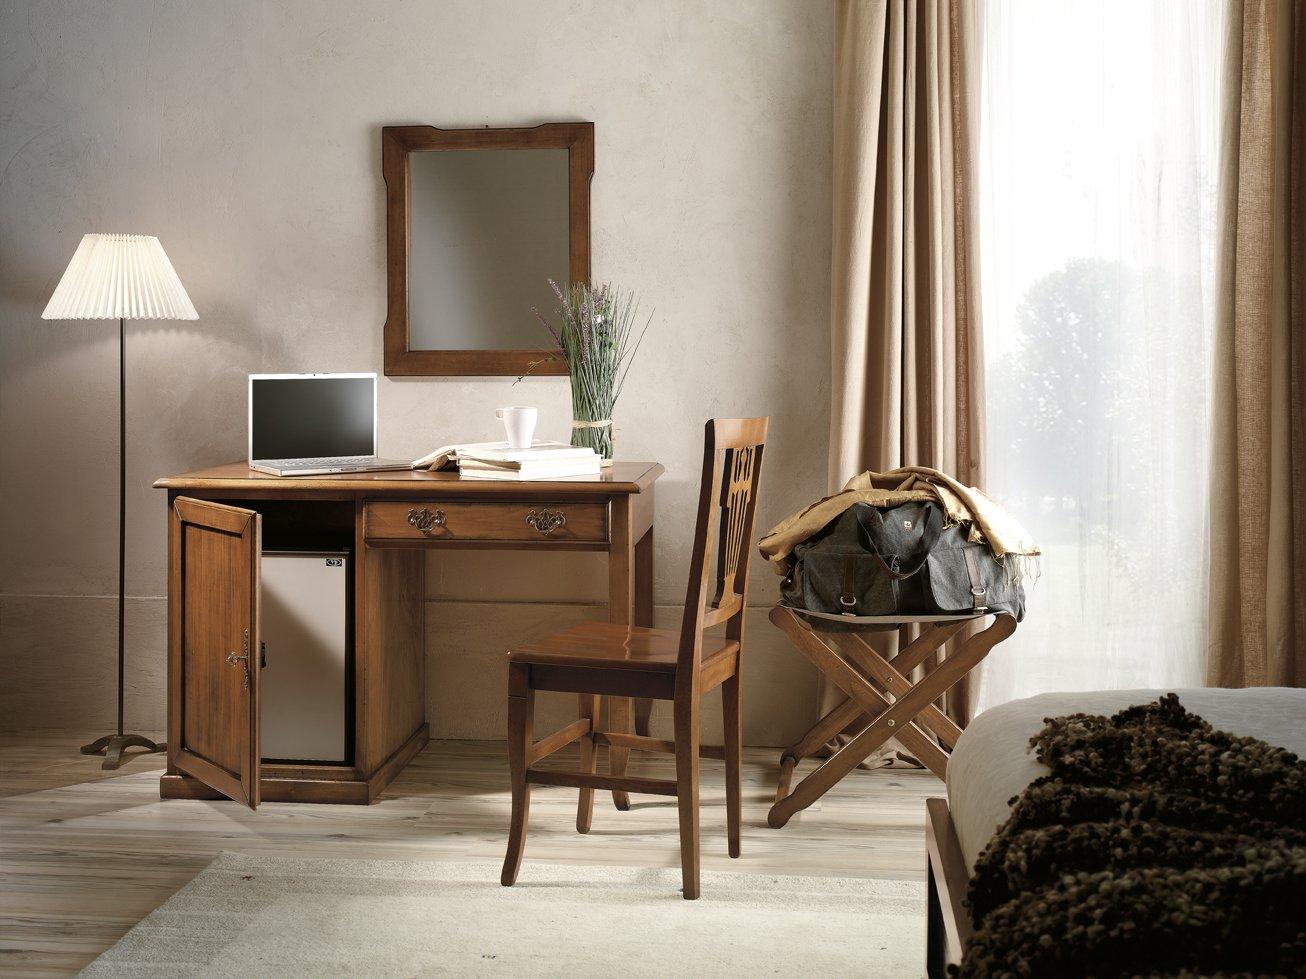 Specchiera mobili in stile linea la maison - La maison mobili ...